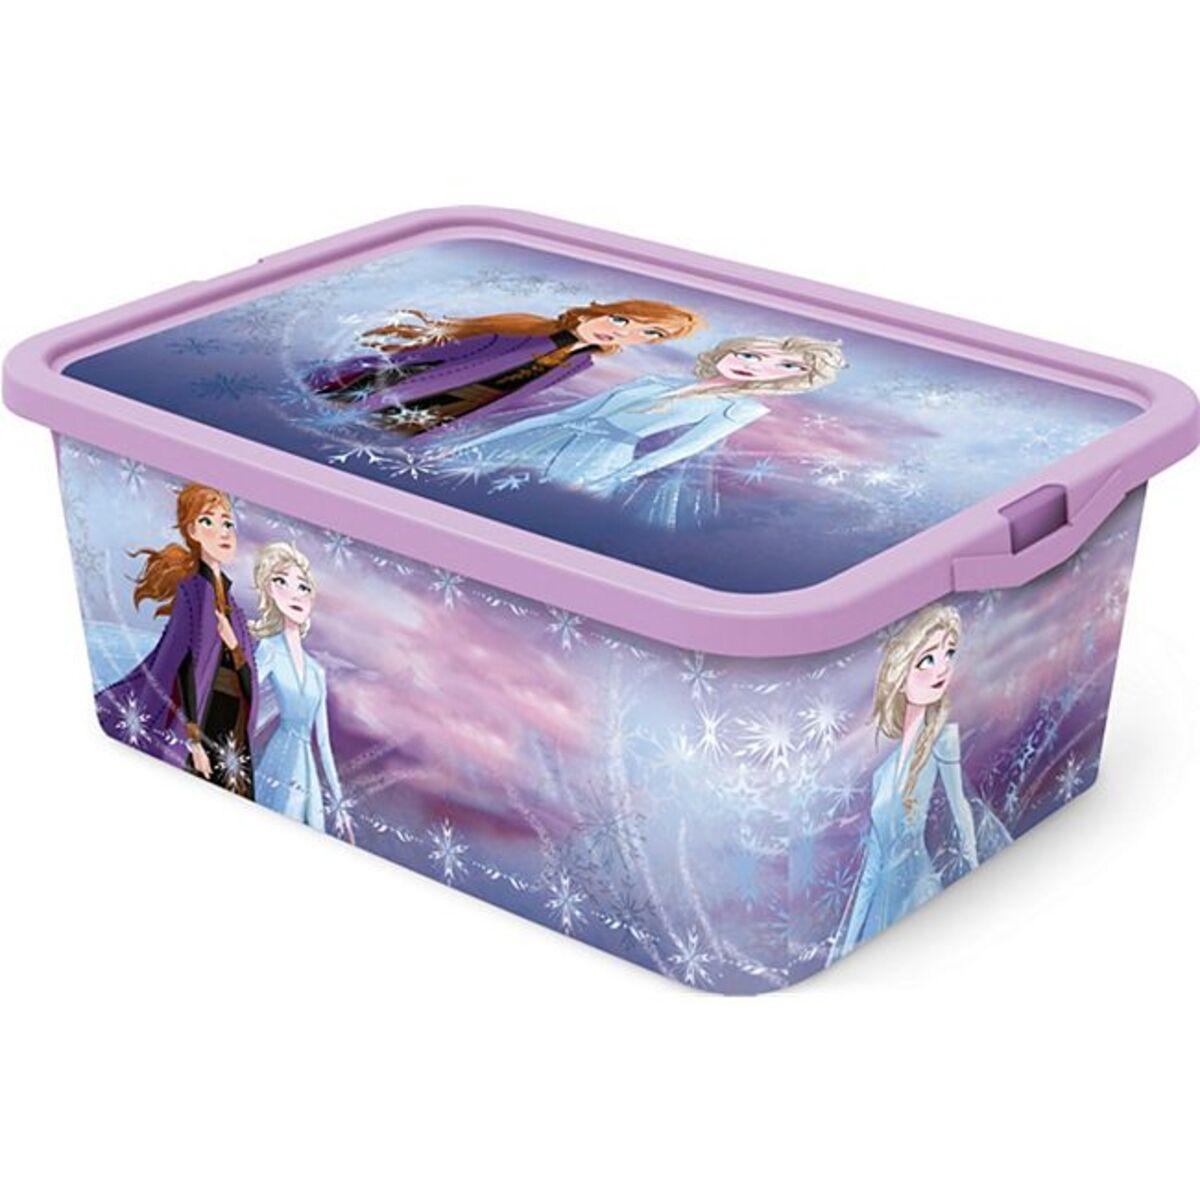 Bild 1 von Mickey/Minnie Aufbewahrungsbox 13L - Frozen 2